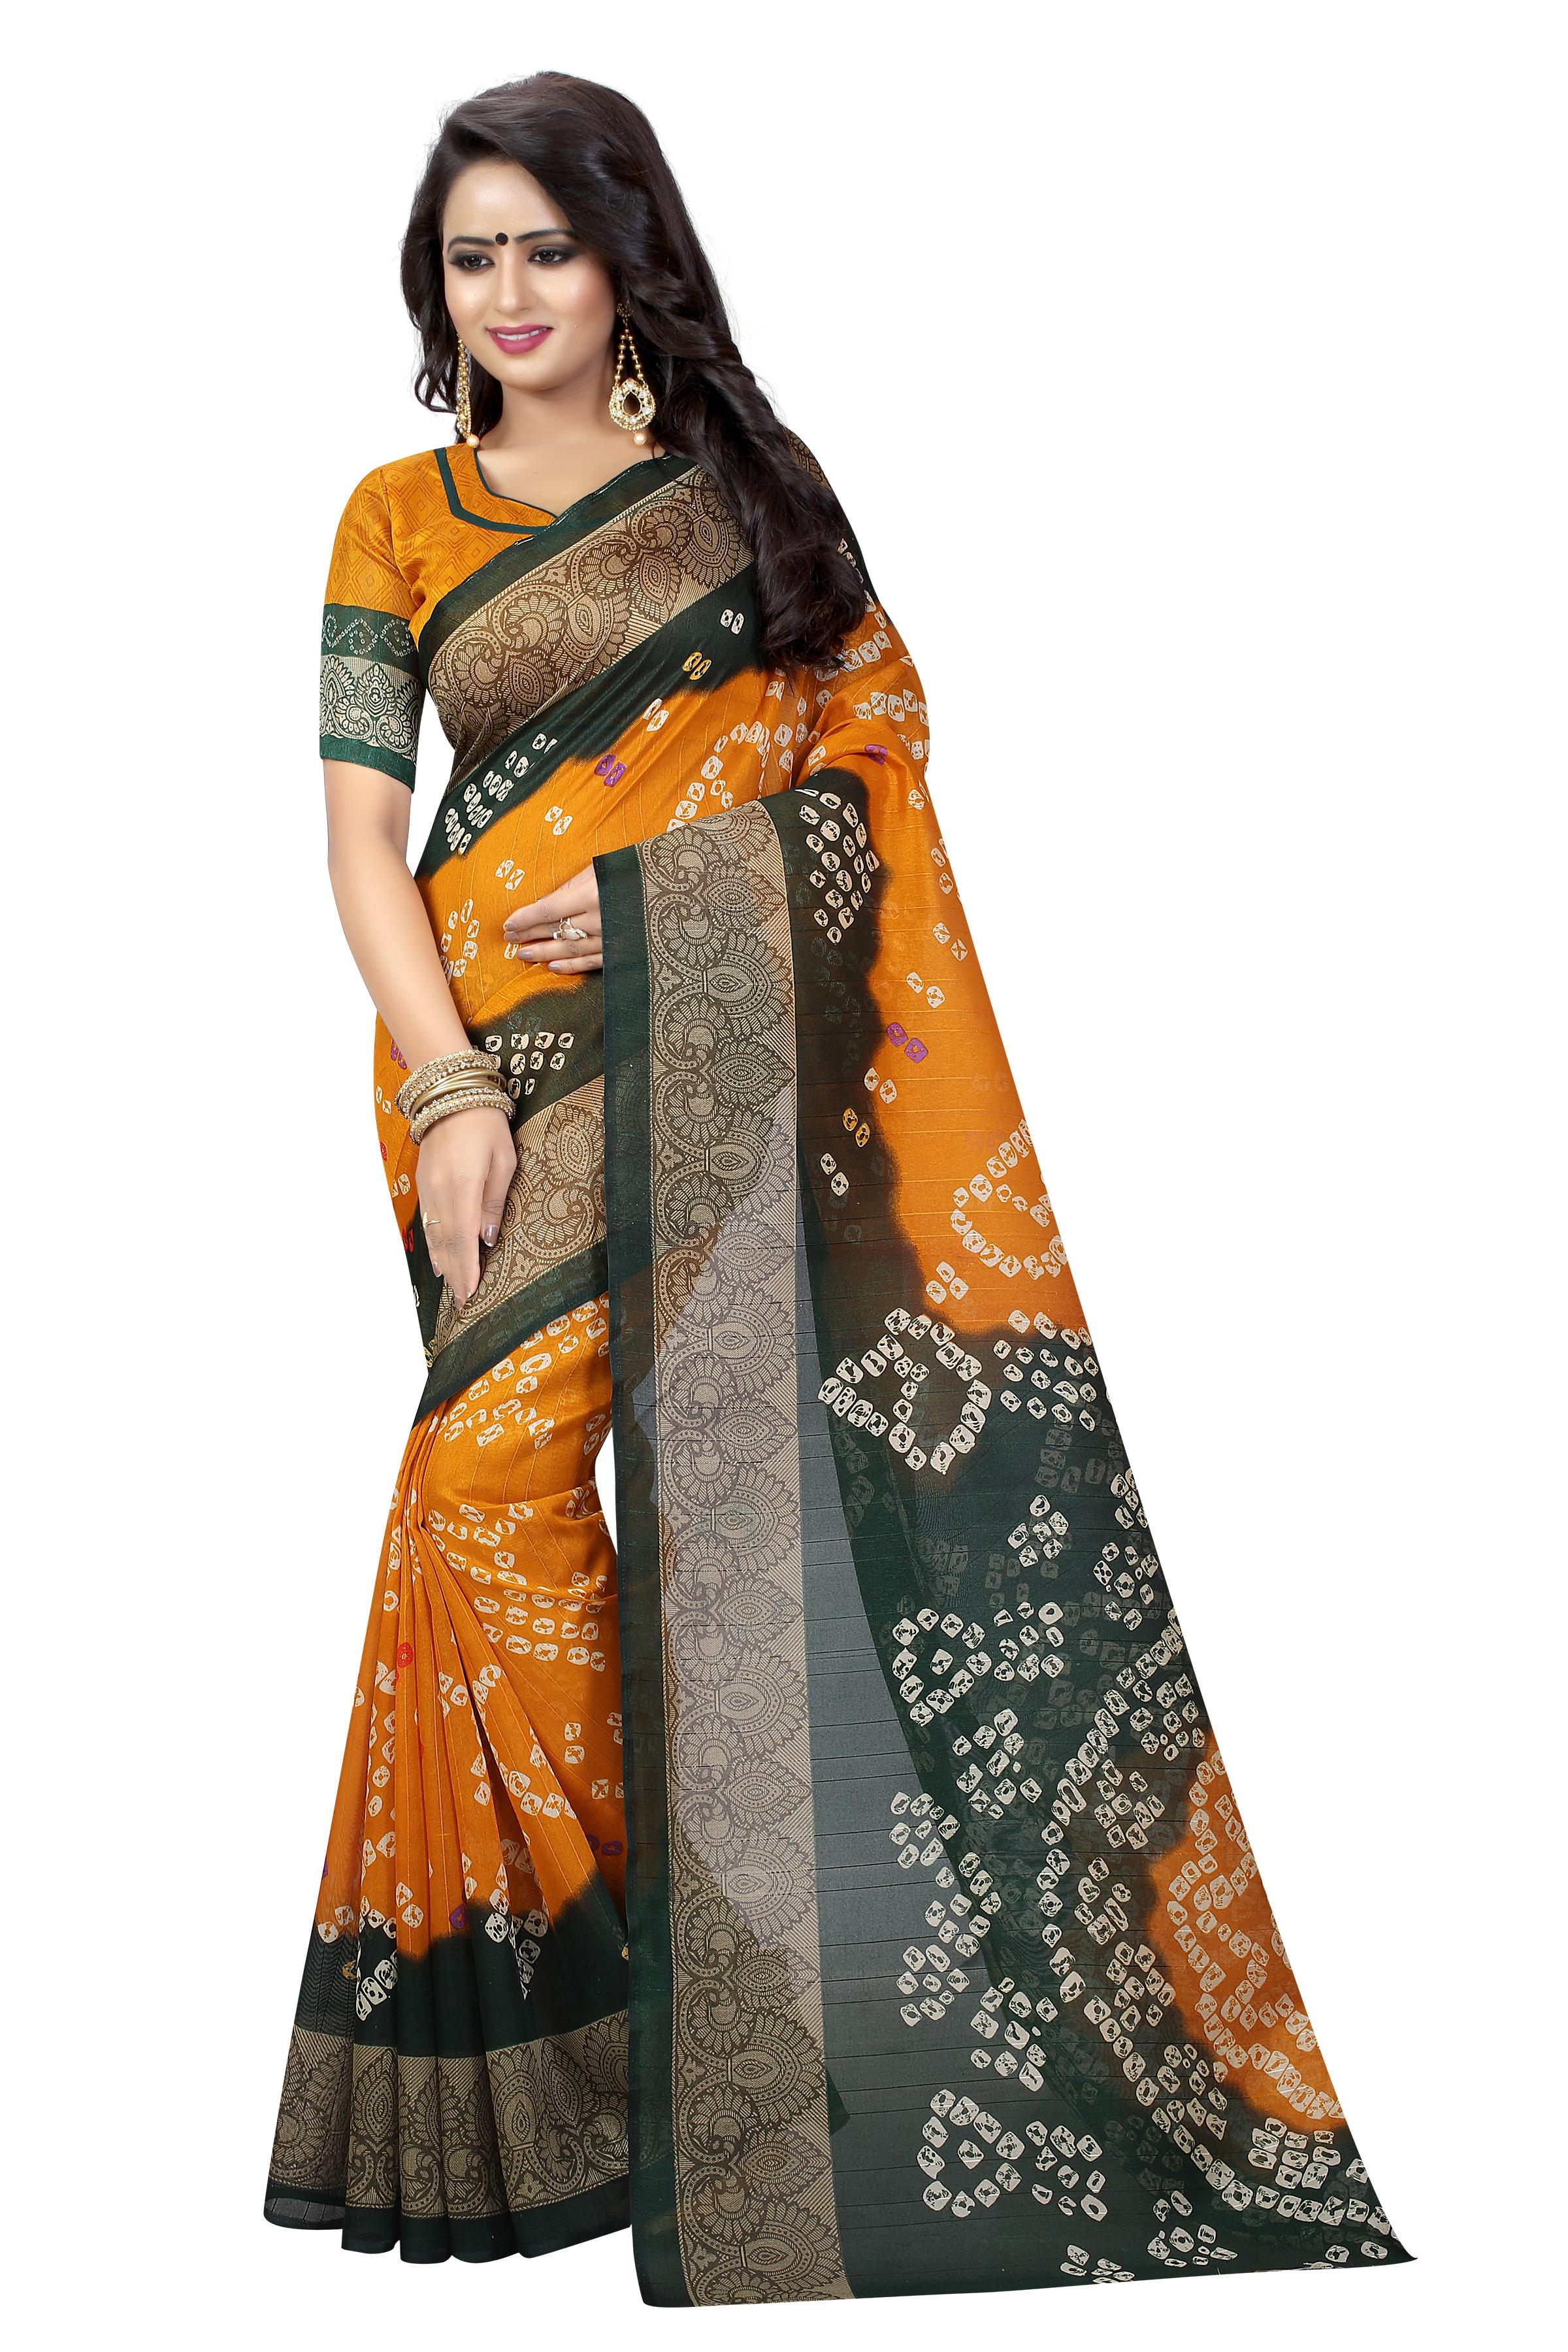 New Bhagalpuri Bandhani Saree